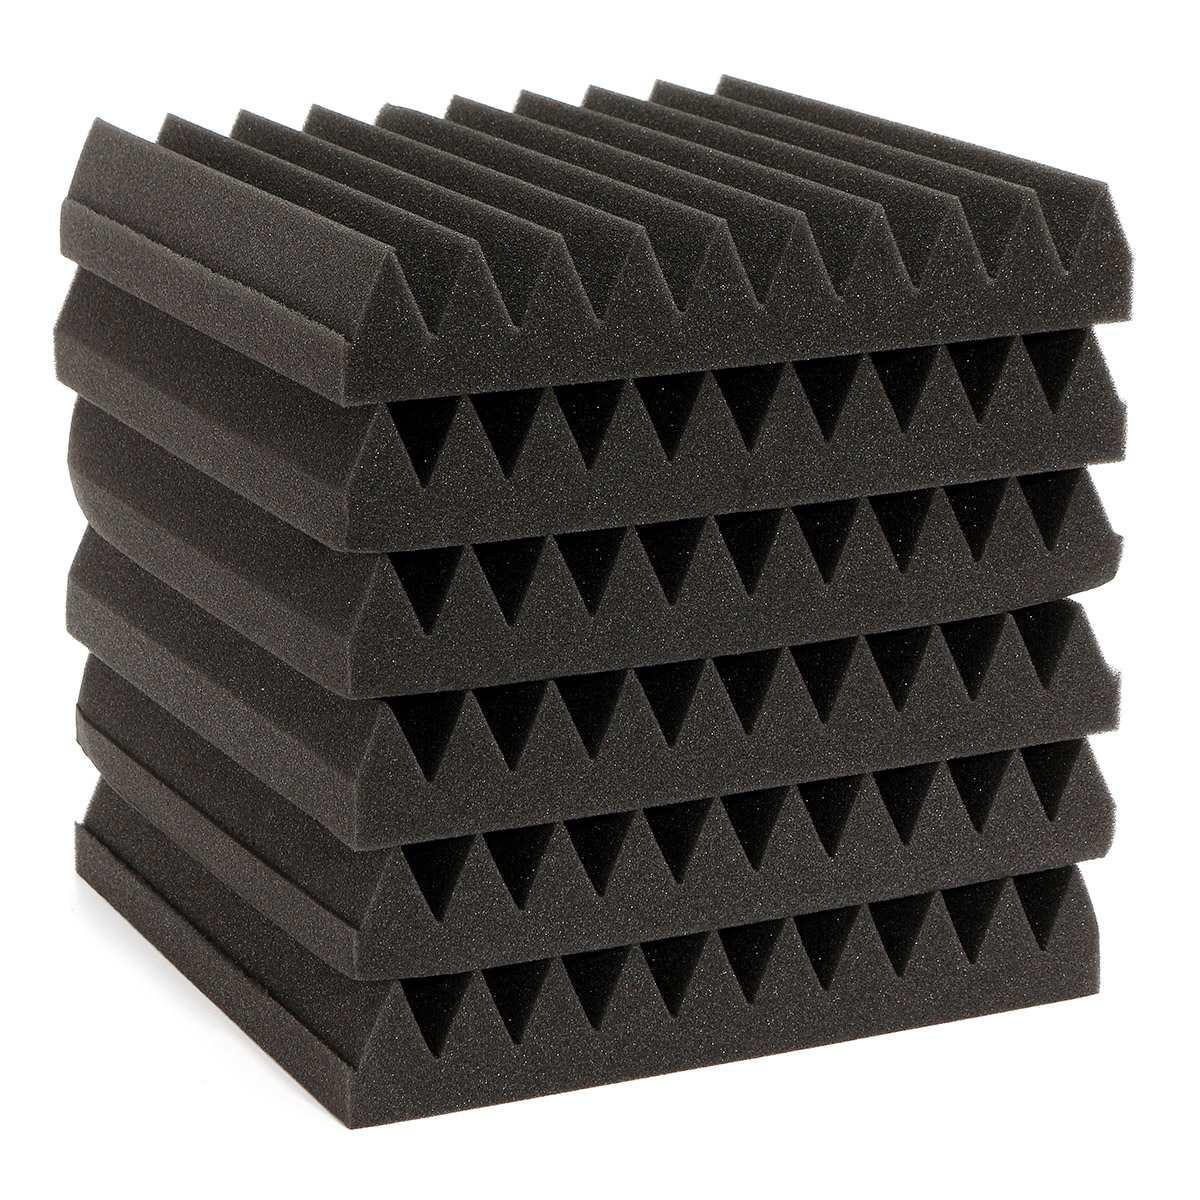 Promotion 6pcs Set Soundproofing Acoustic Wedge Foam Tiles